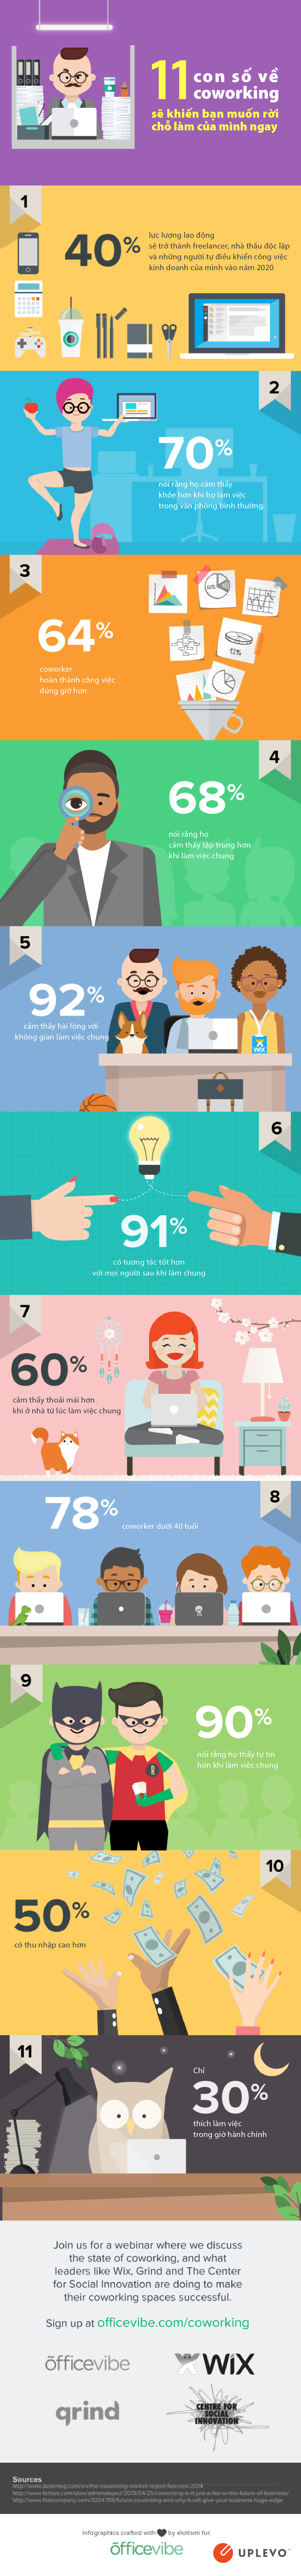 11 số liệu kinh ngạc về văn phòng